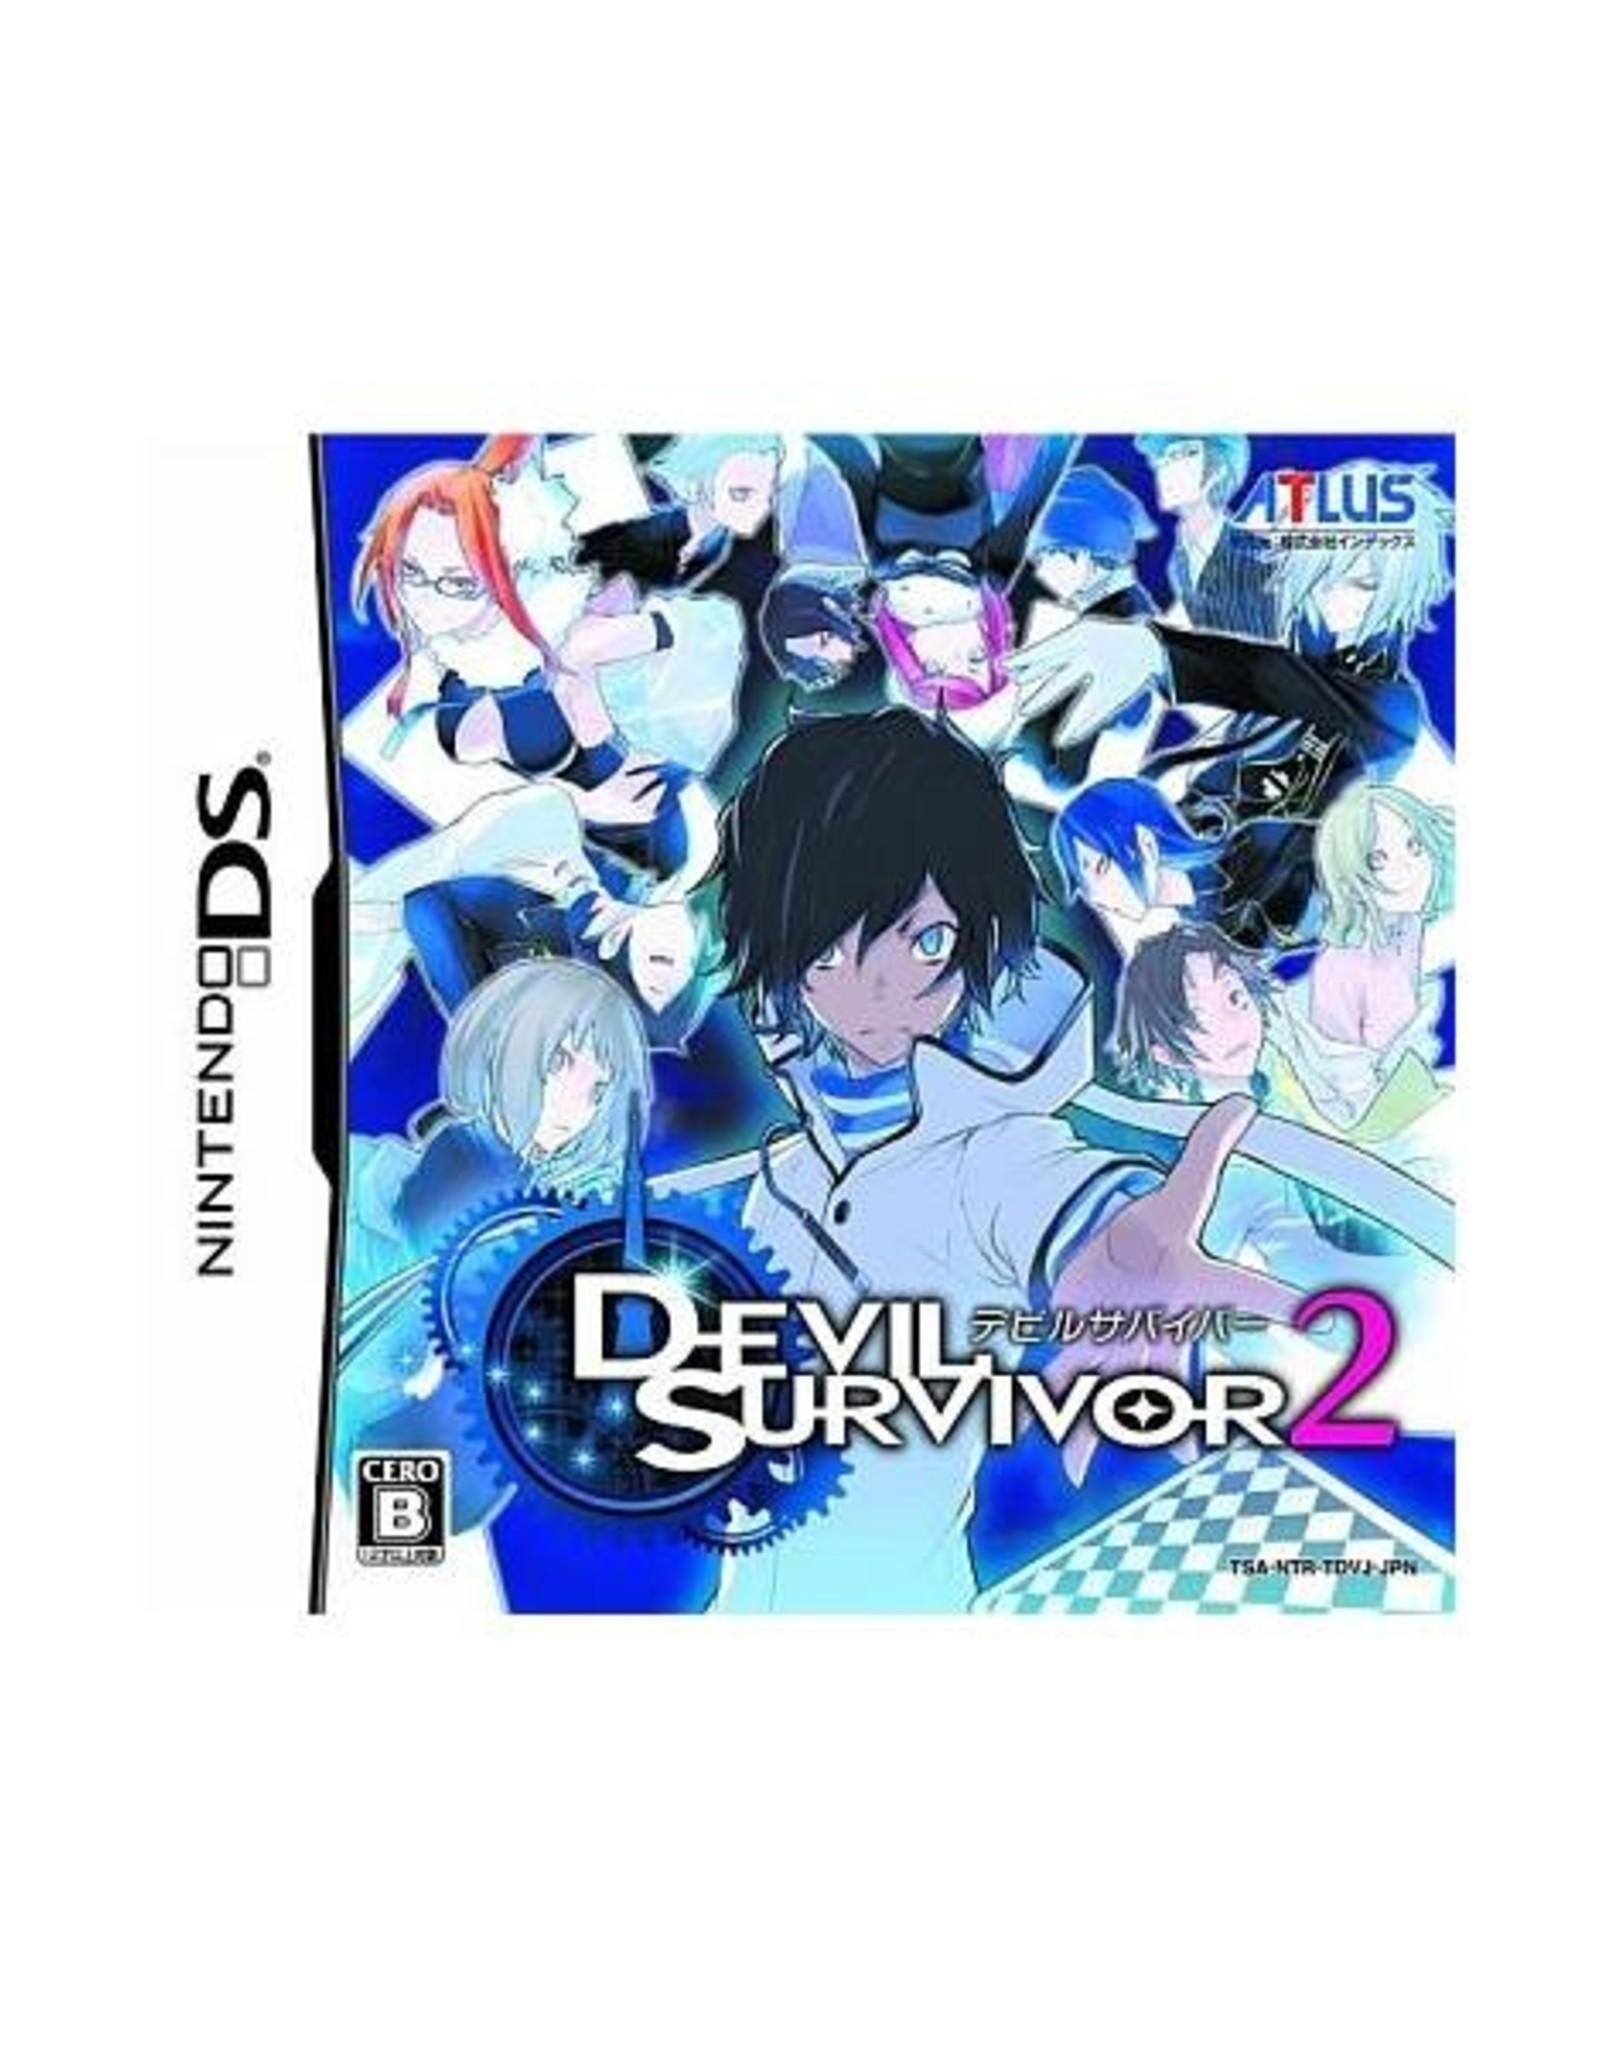 Devil Survivor 2 - NDS PrePlayed